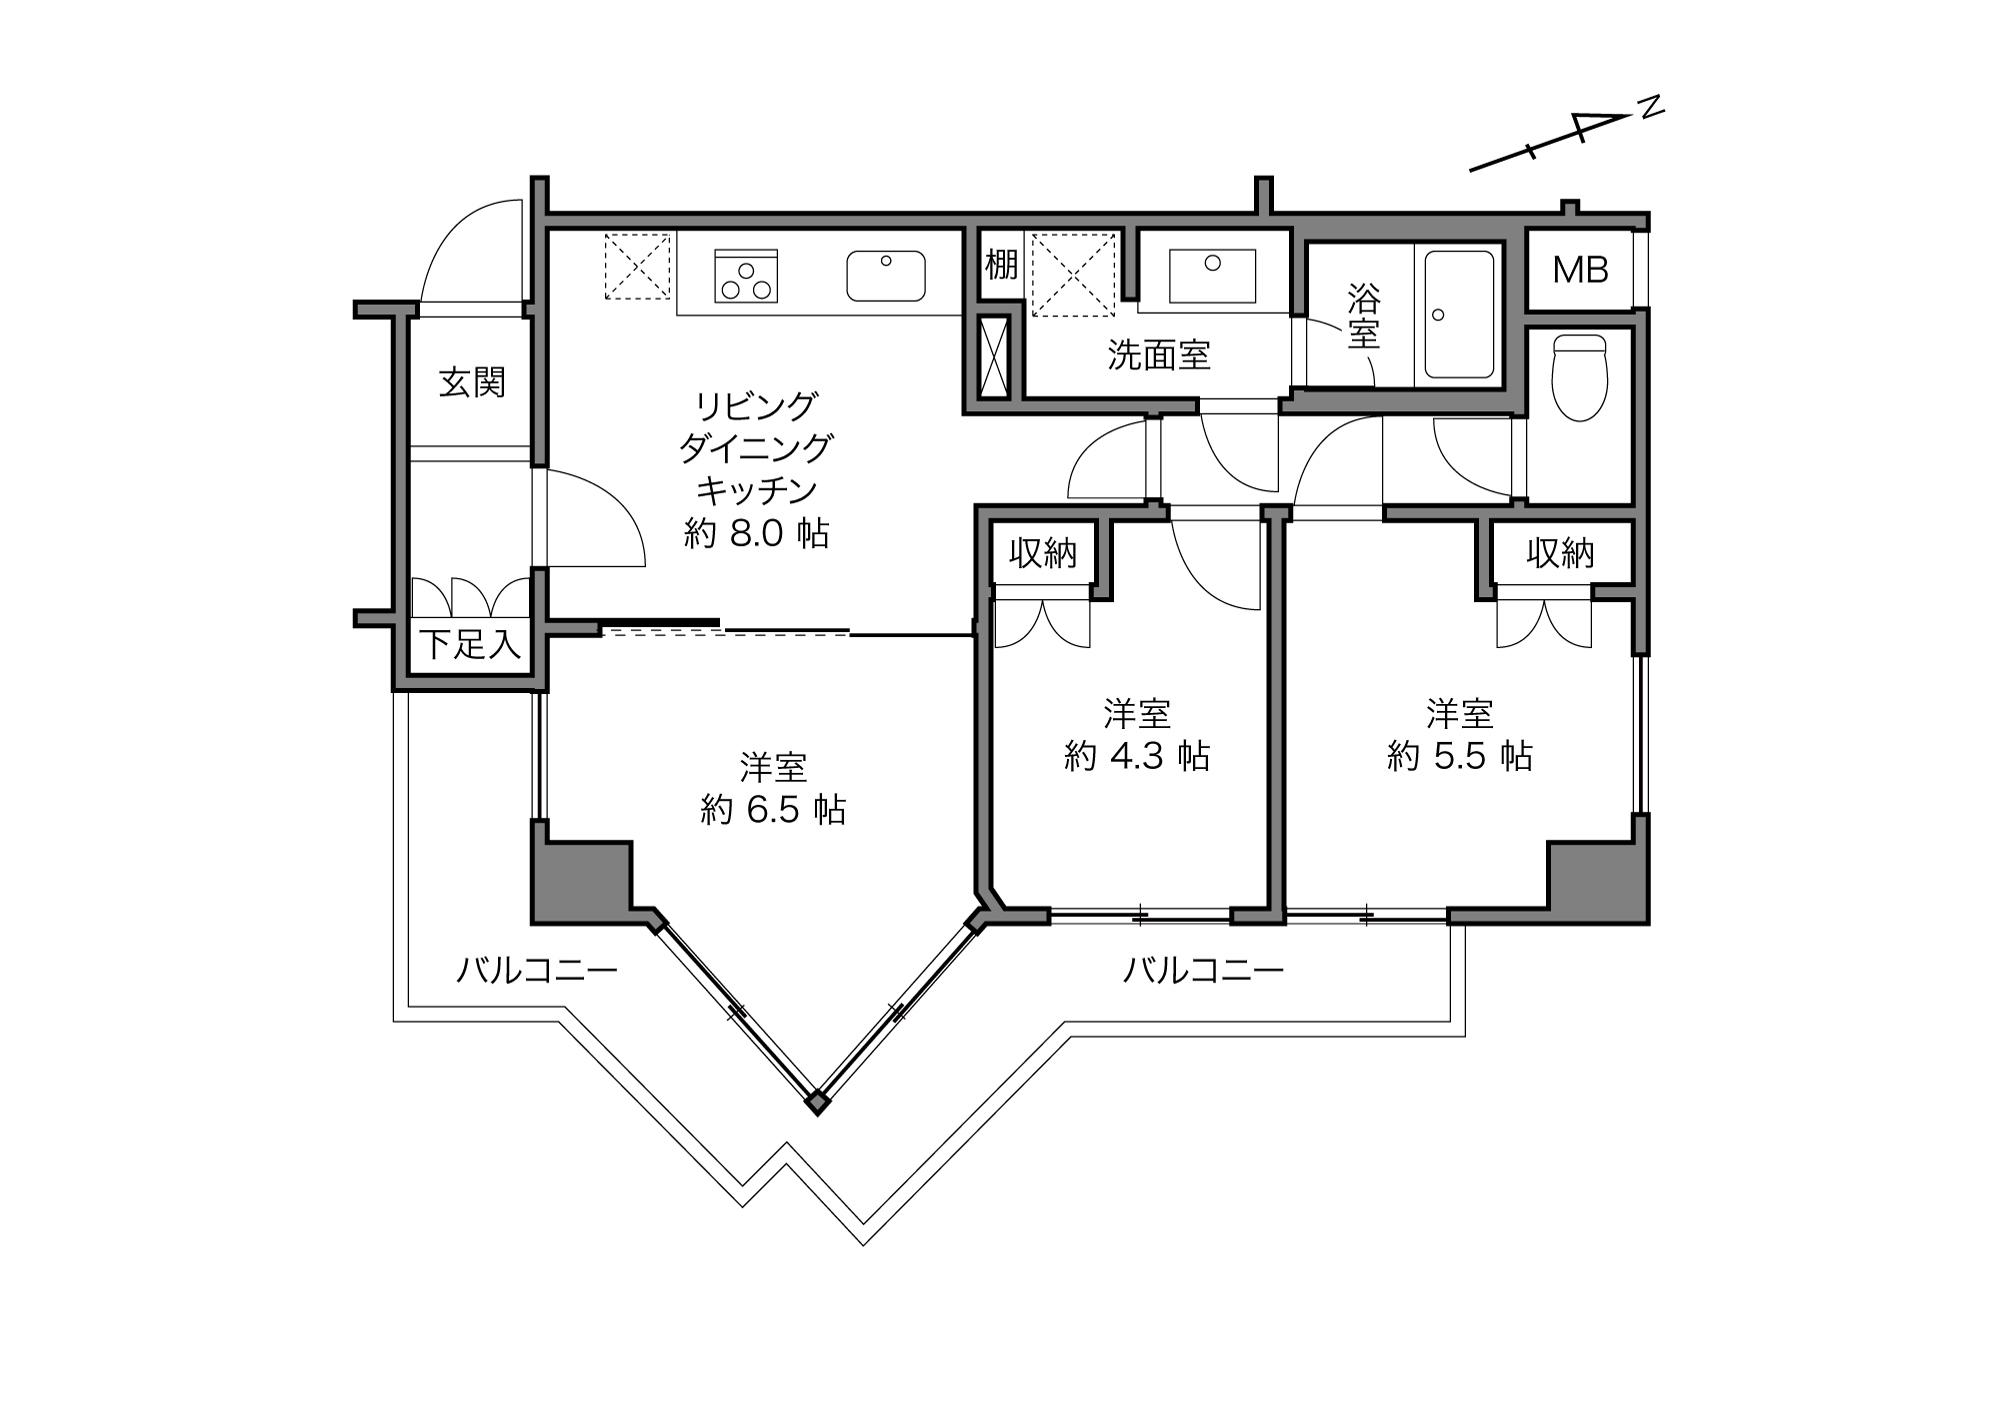 大井町駅 / 3LDK / 56.55㎡